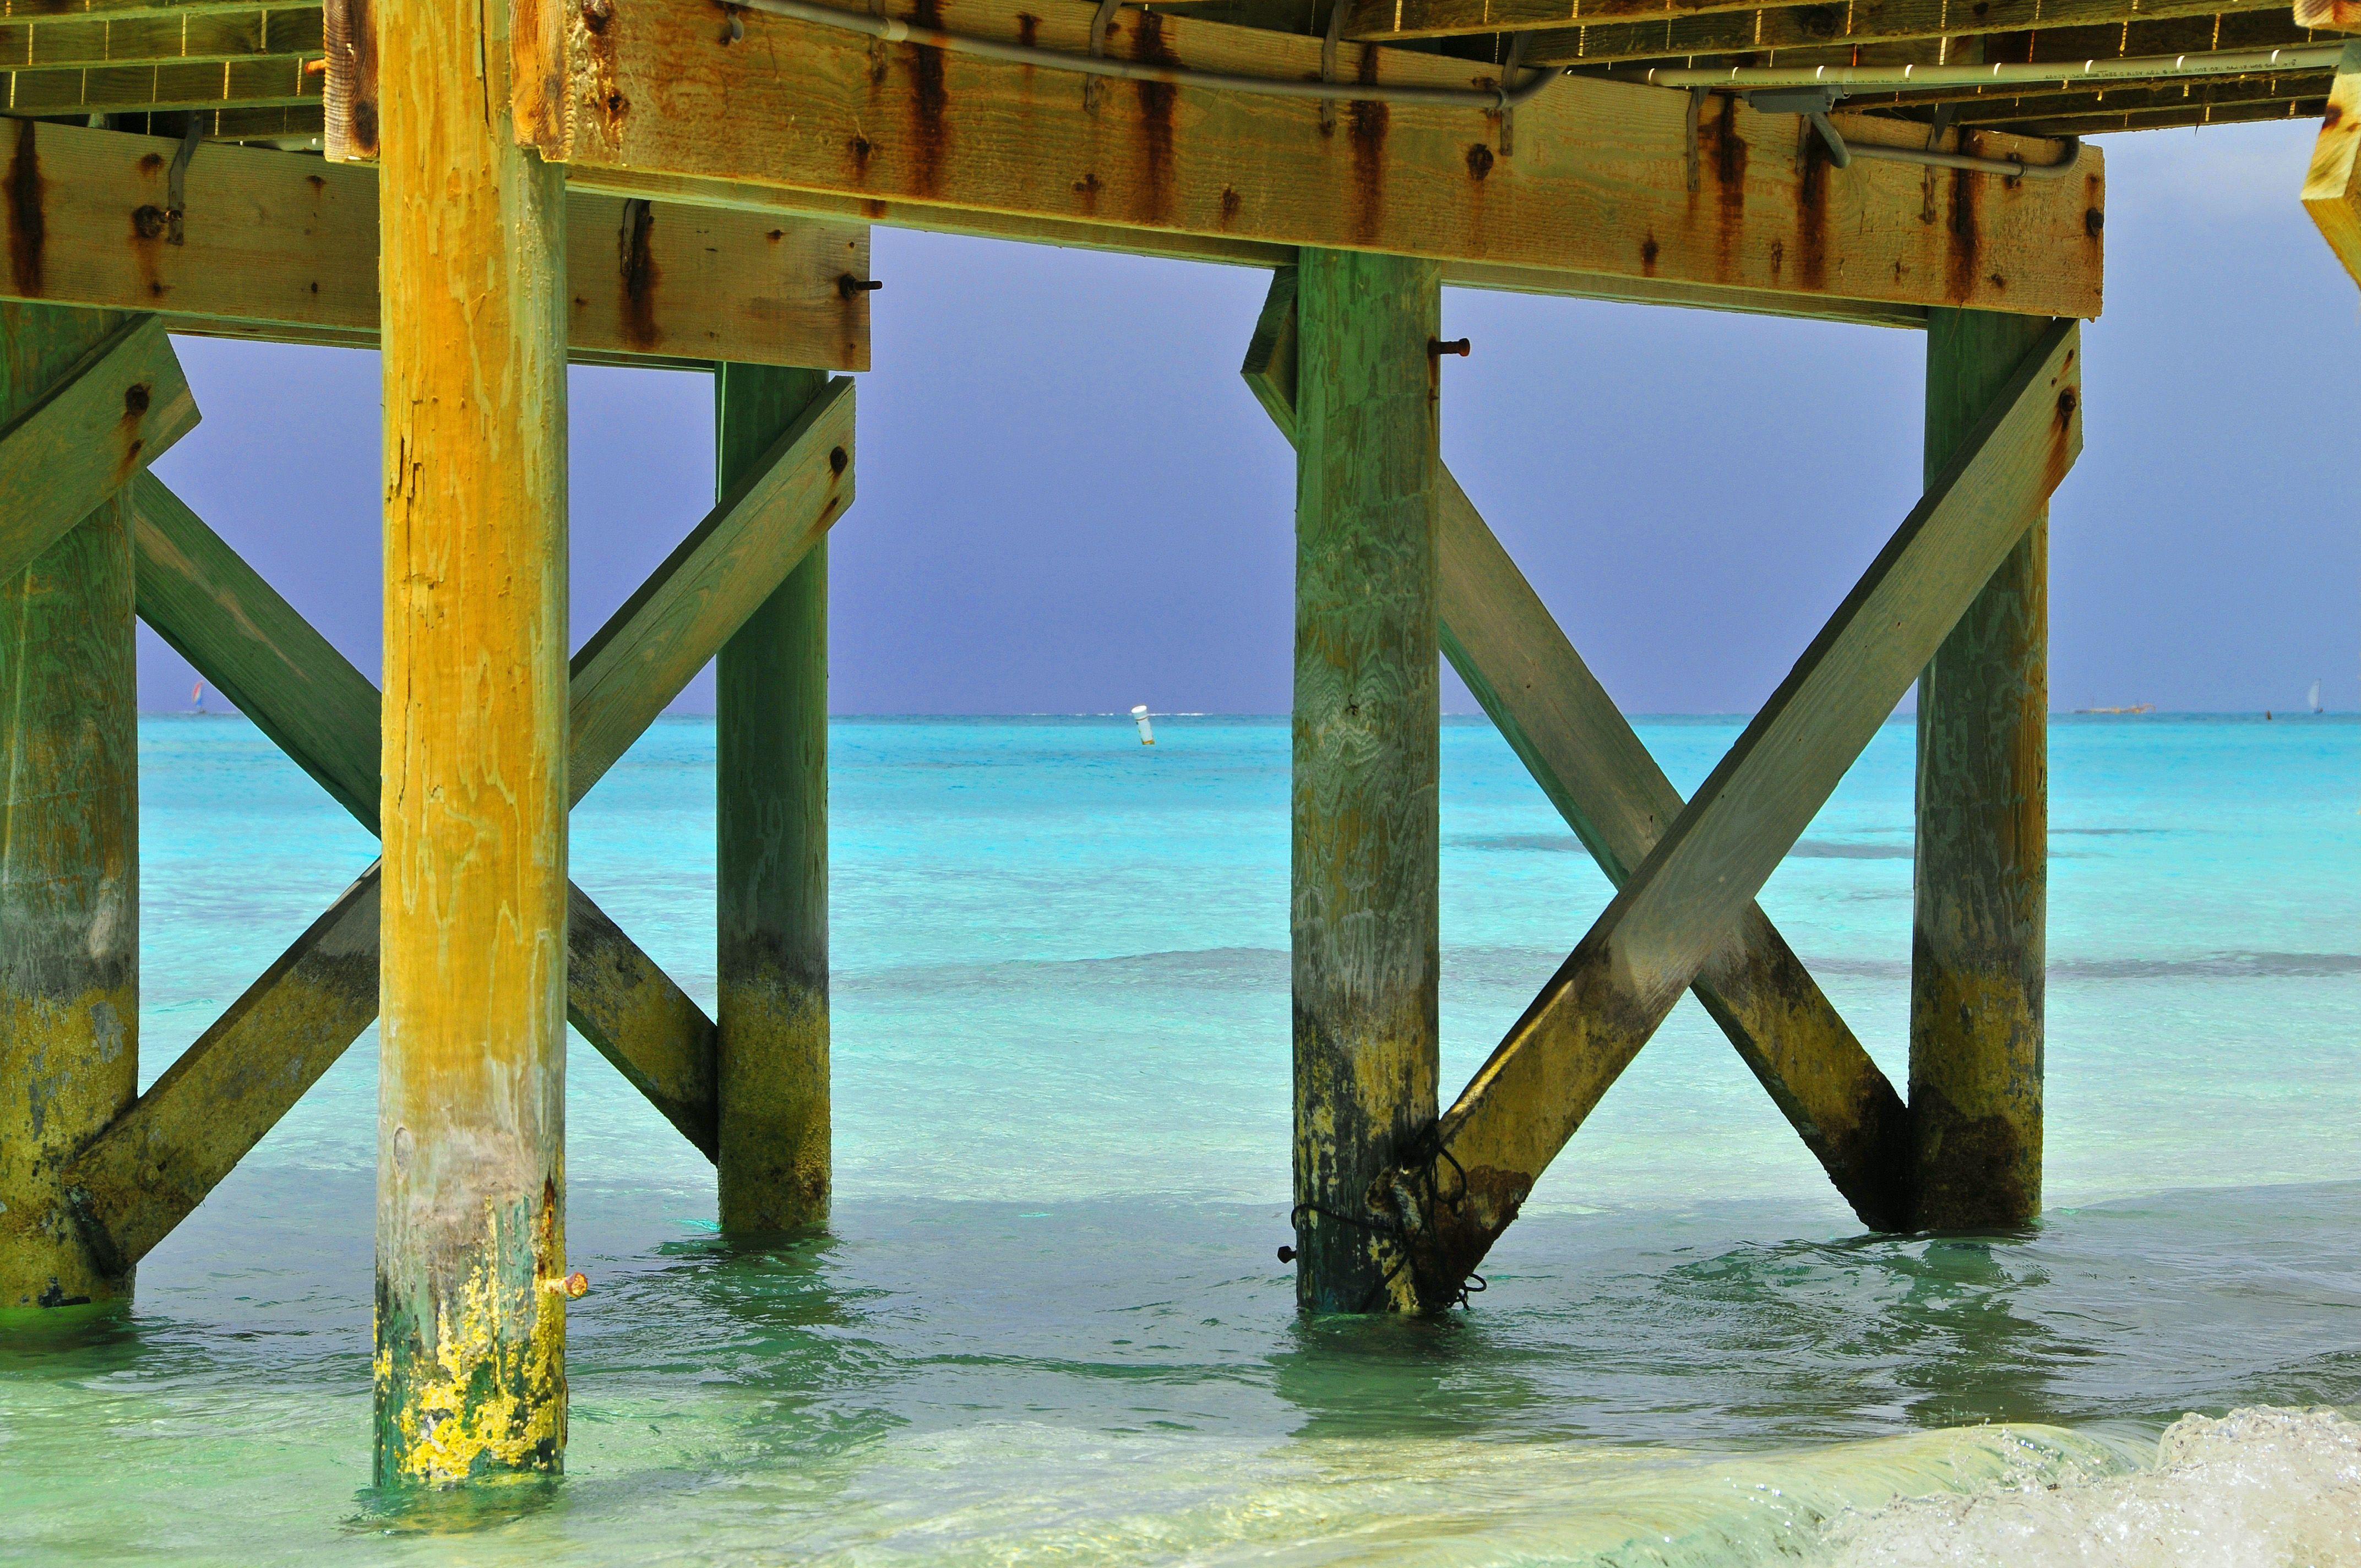 Turks & Caico beach